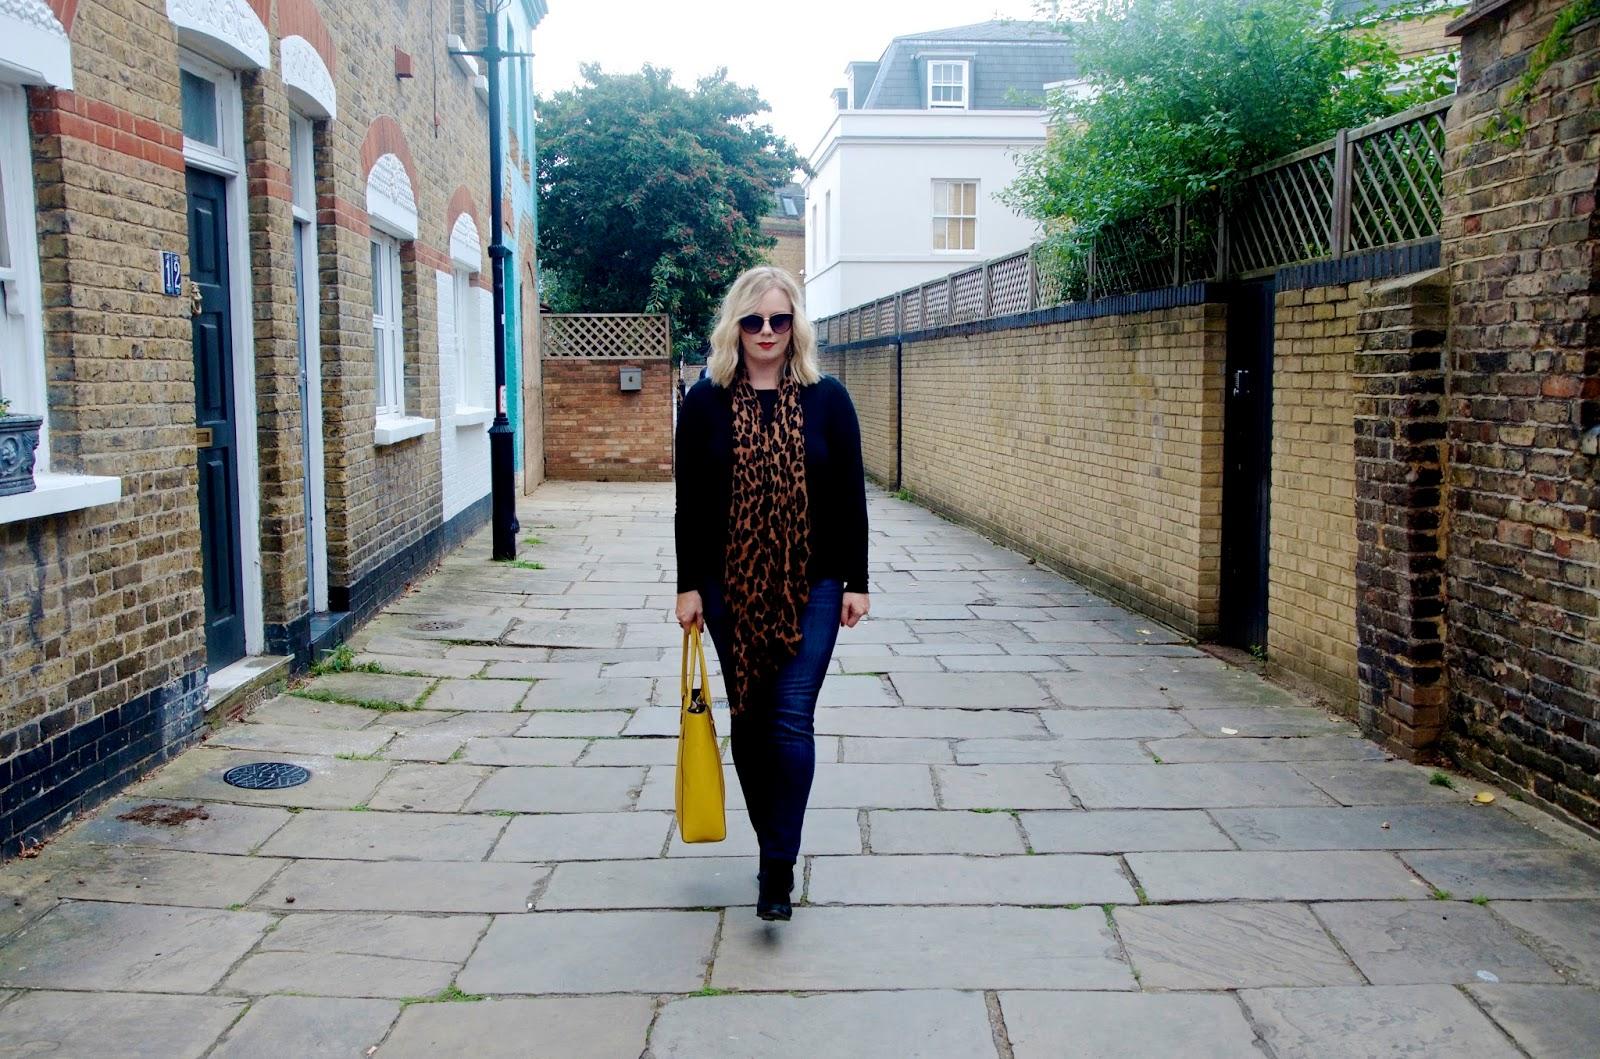 Walking through Putney in London on Quill Lane